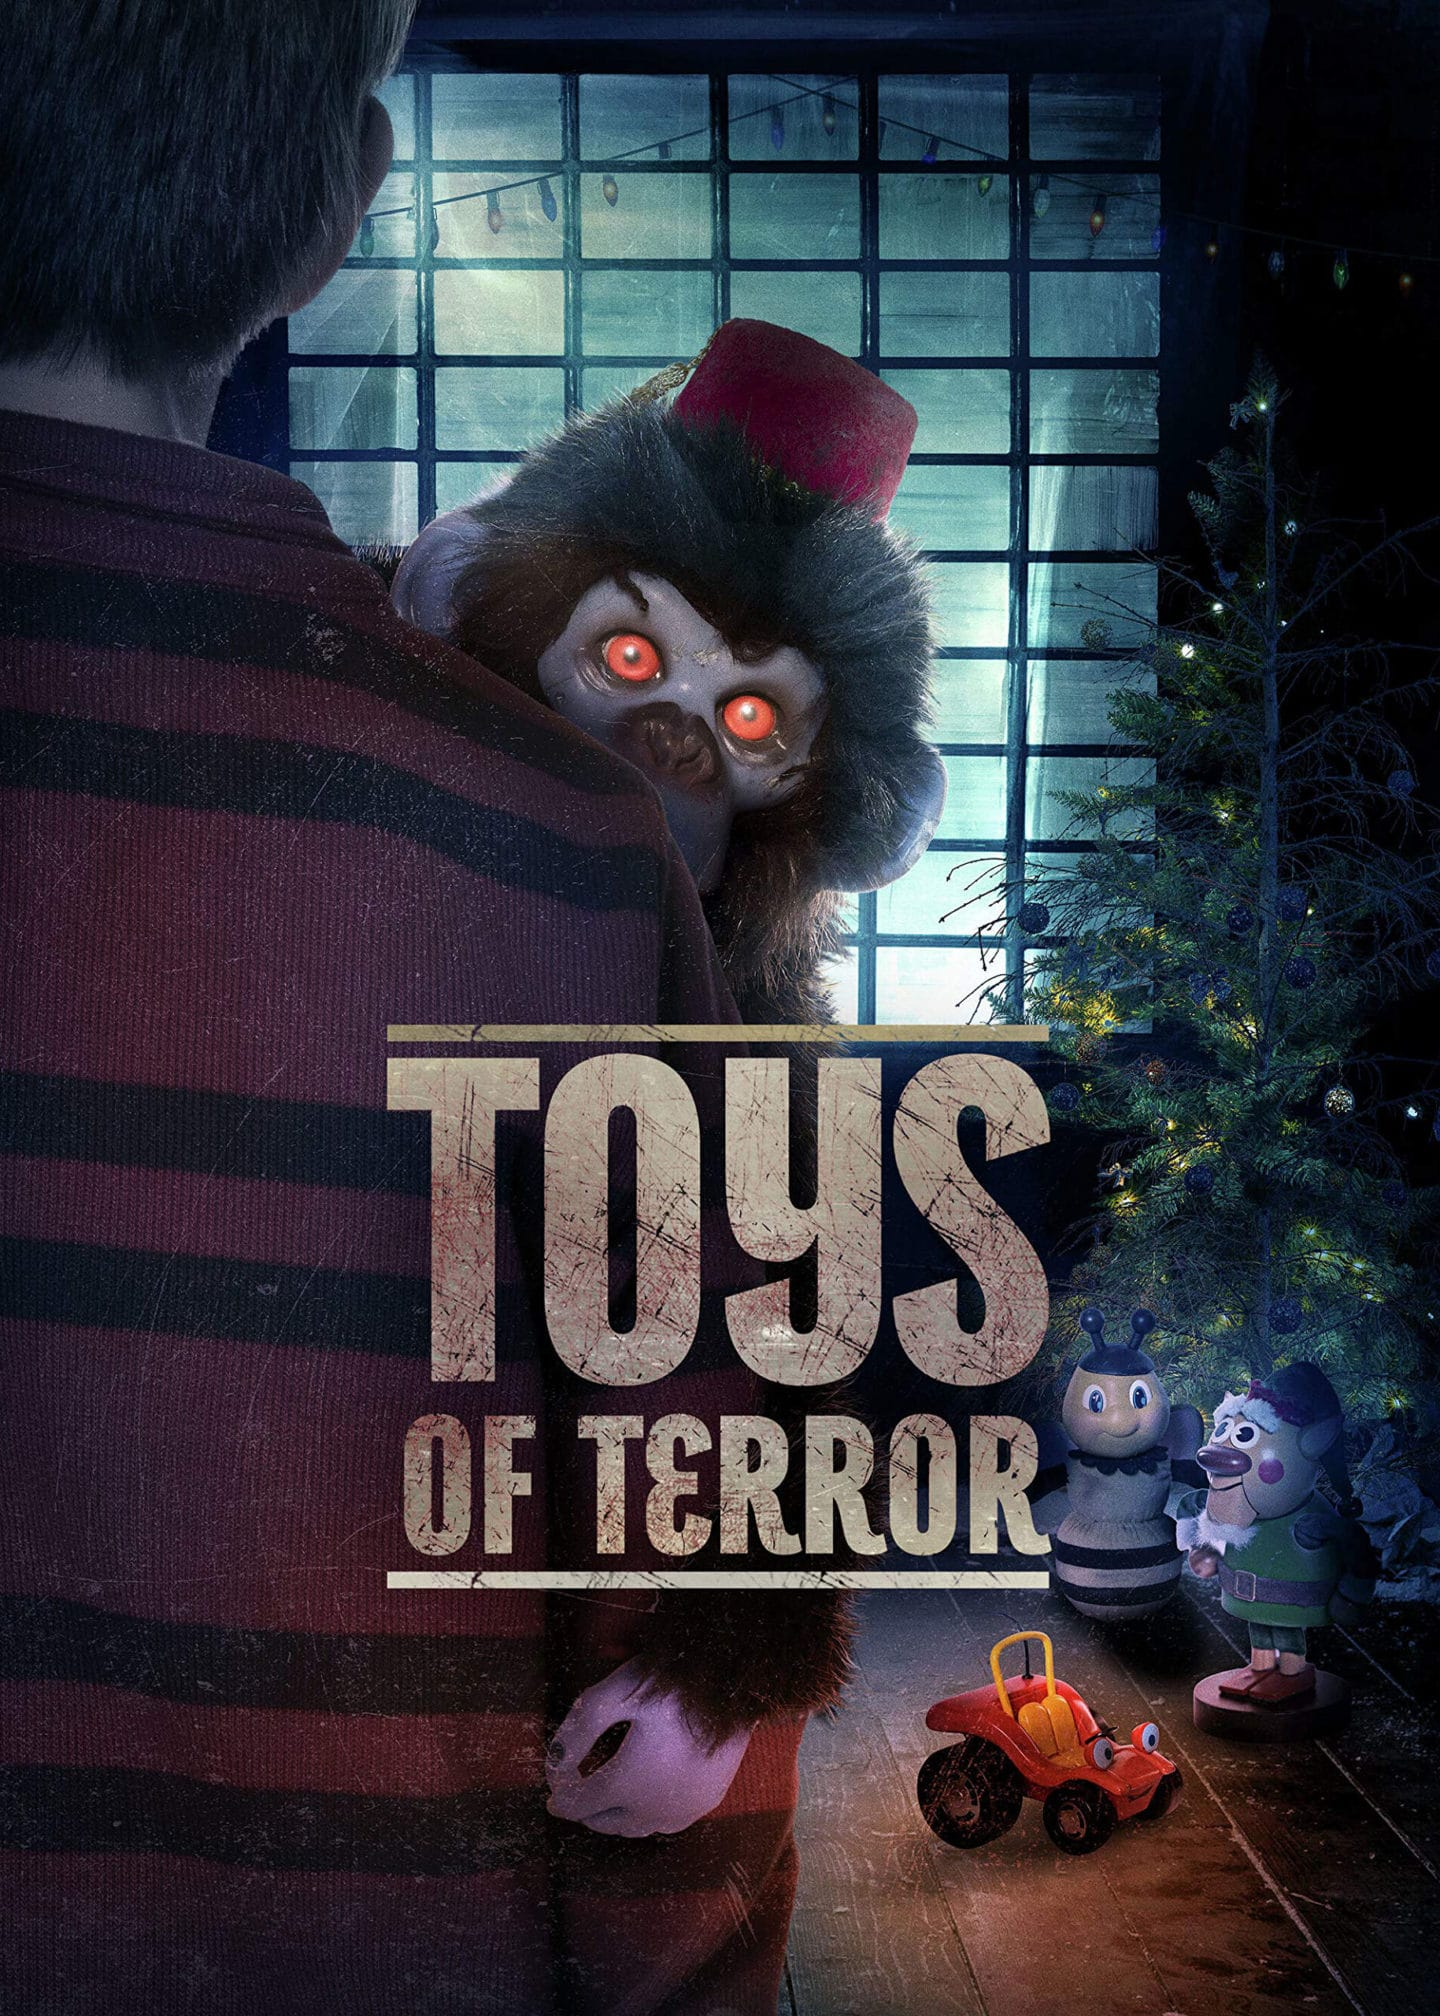 Toys of Terror – Teaser Poster